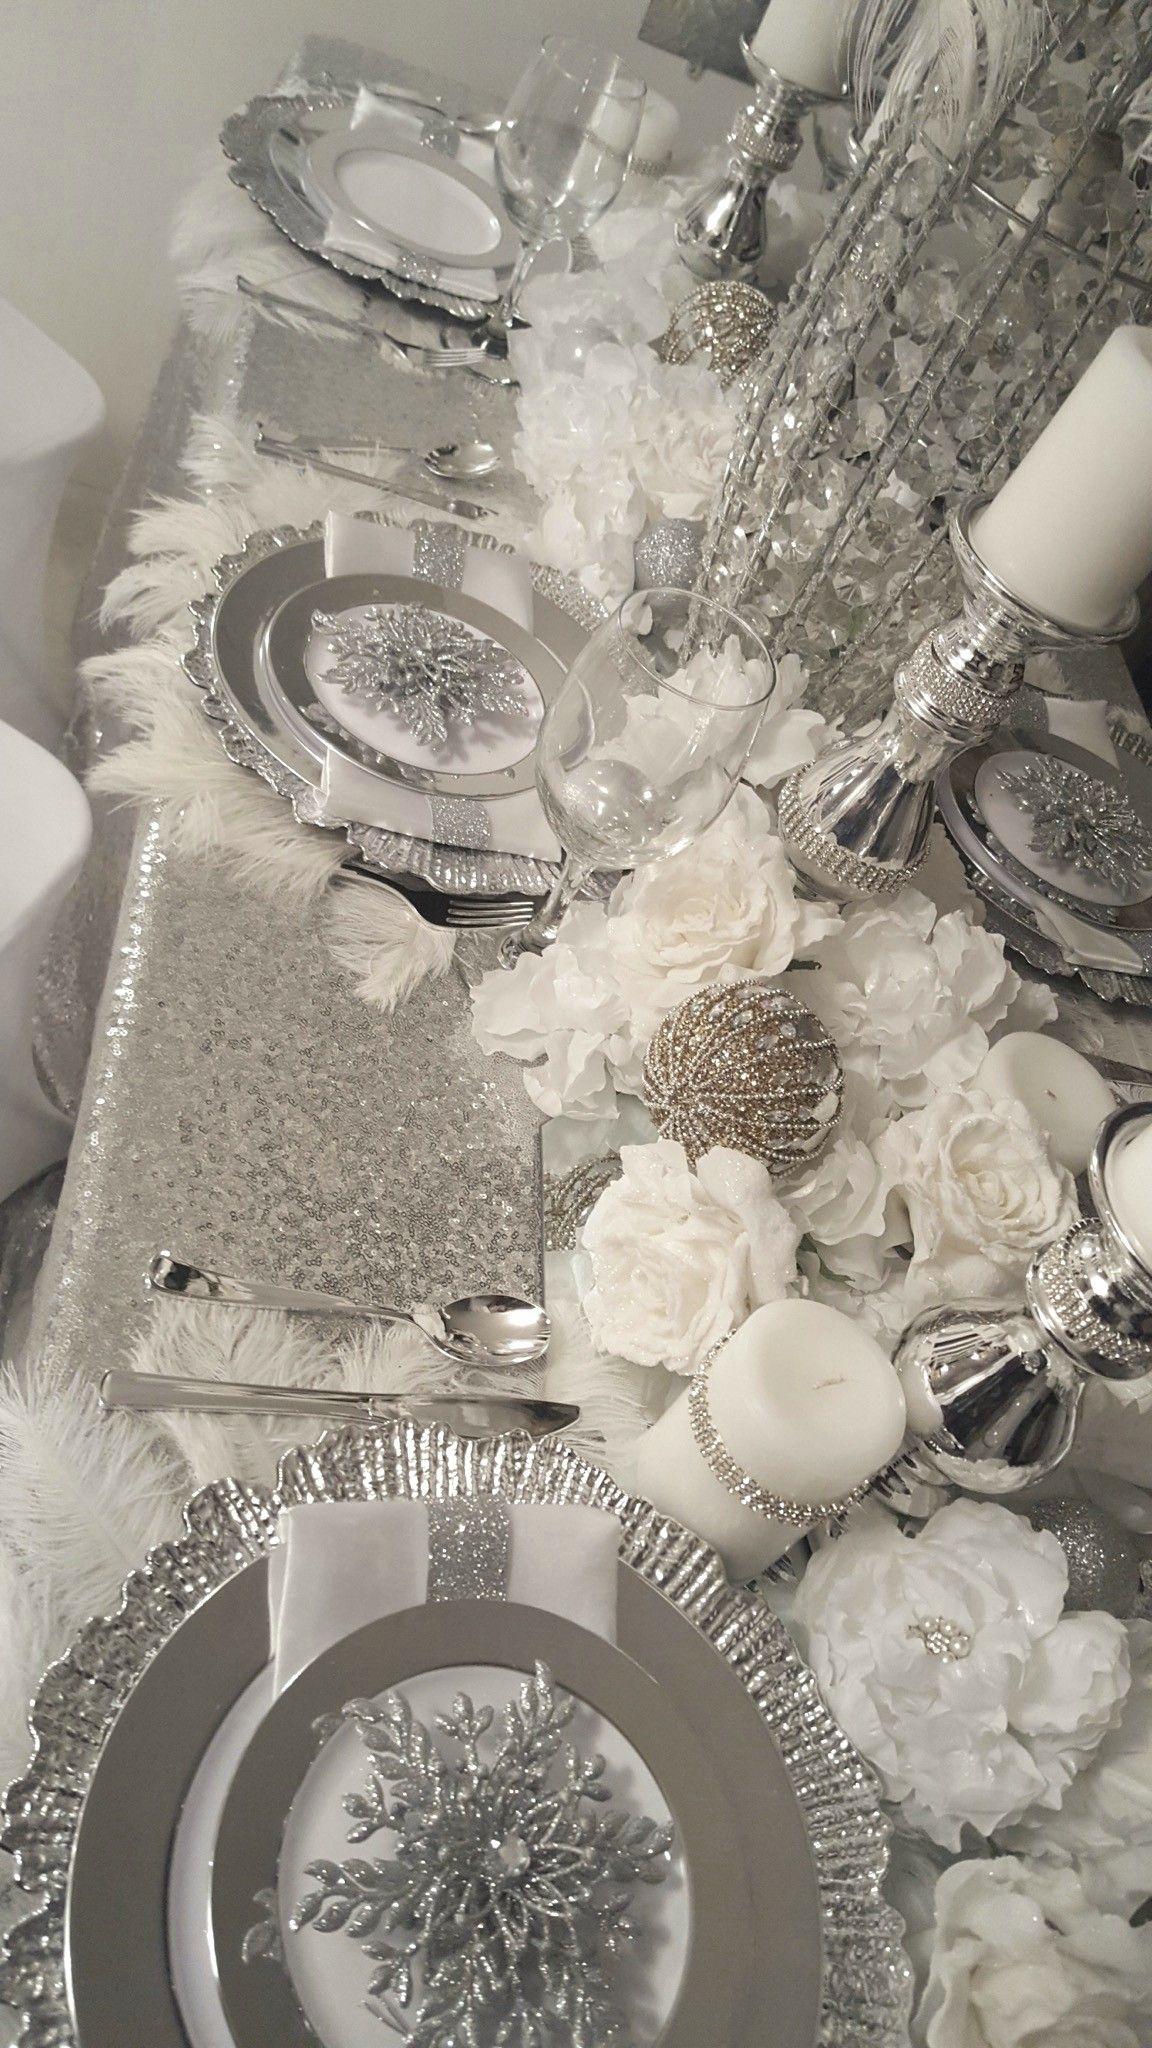 Diamant Du Parris Inc With Images Christmas Dining Table Christmas Table Decorations Christmas Table Settings